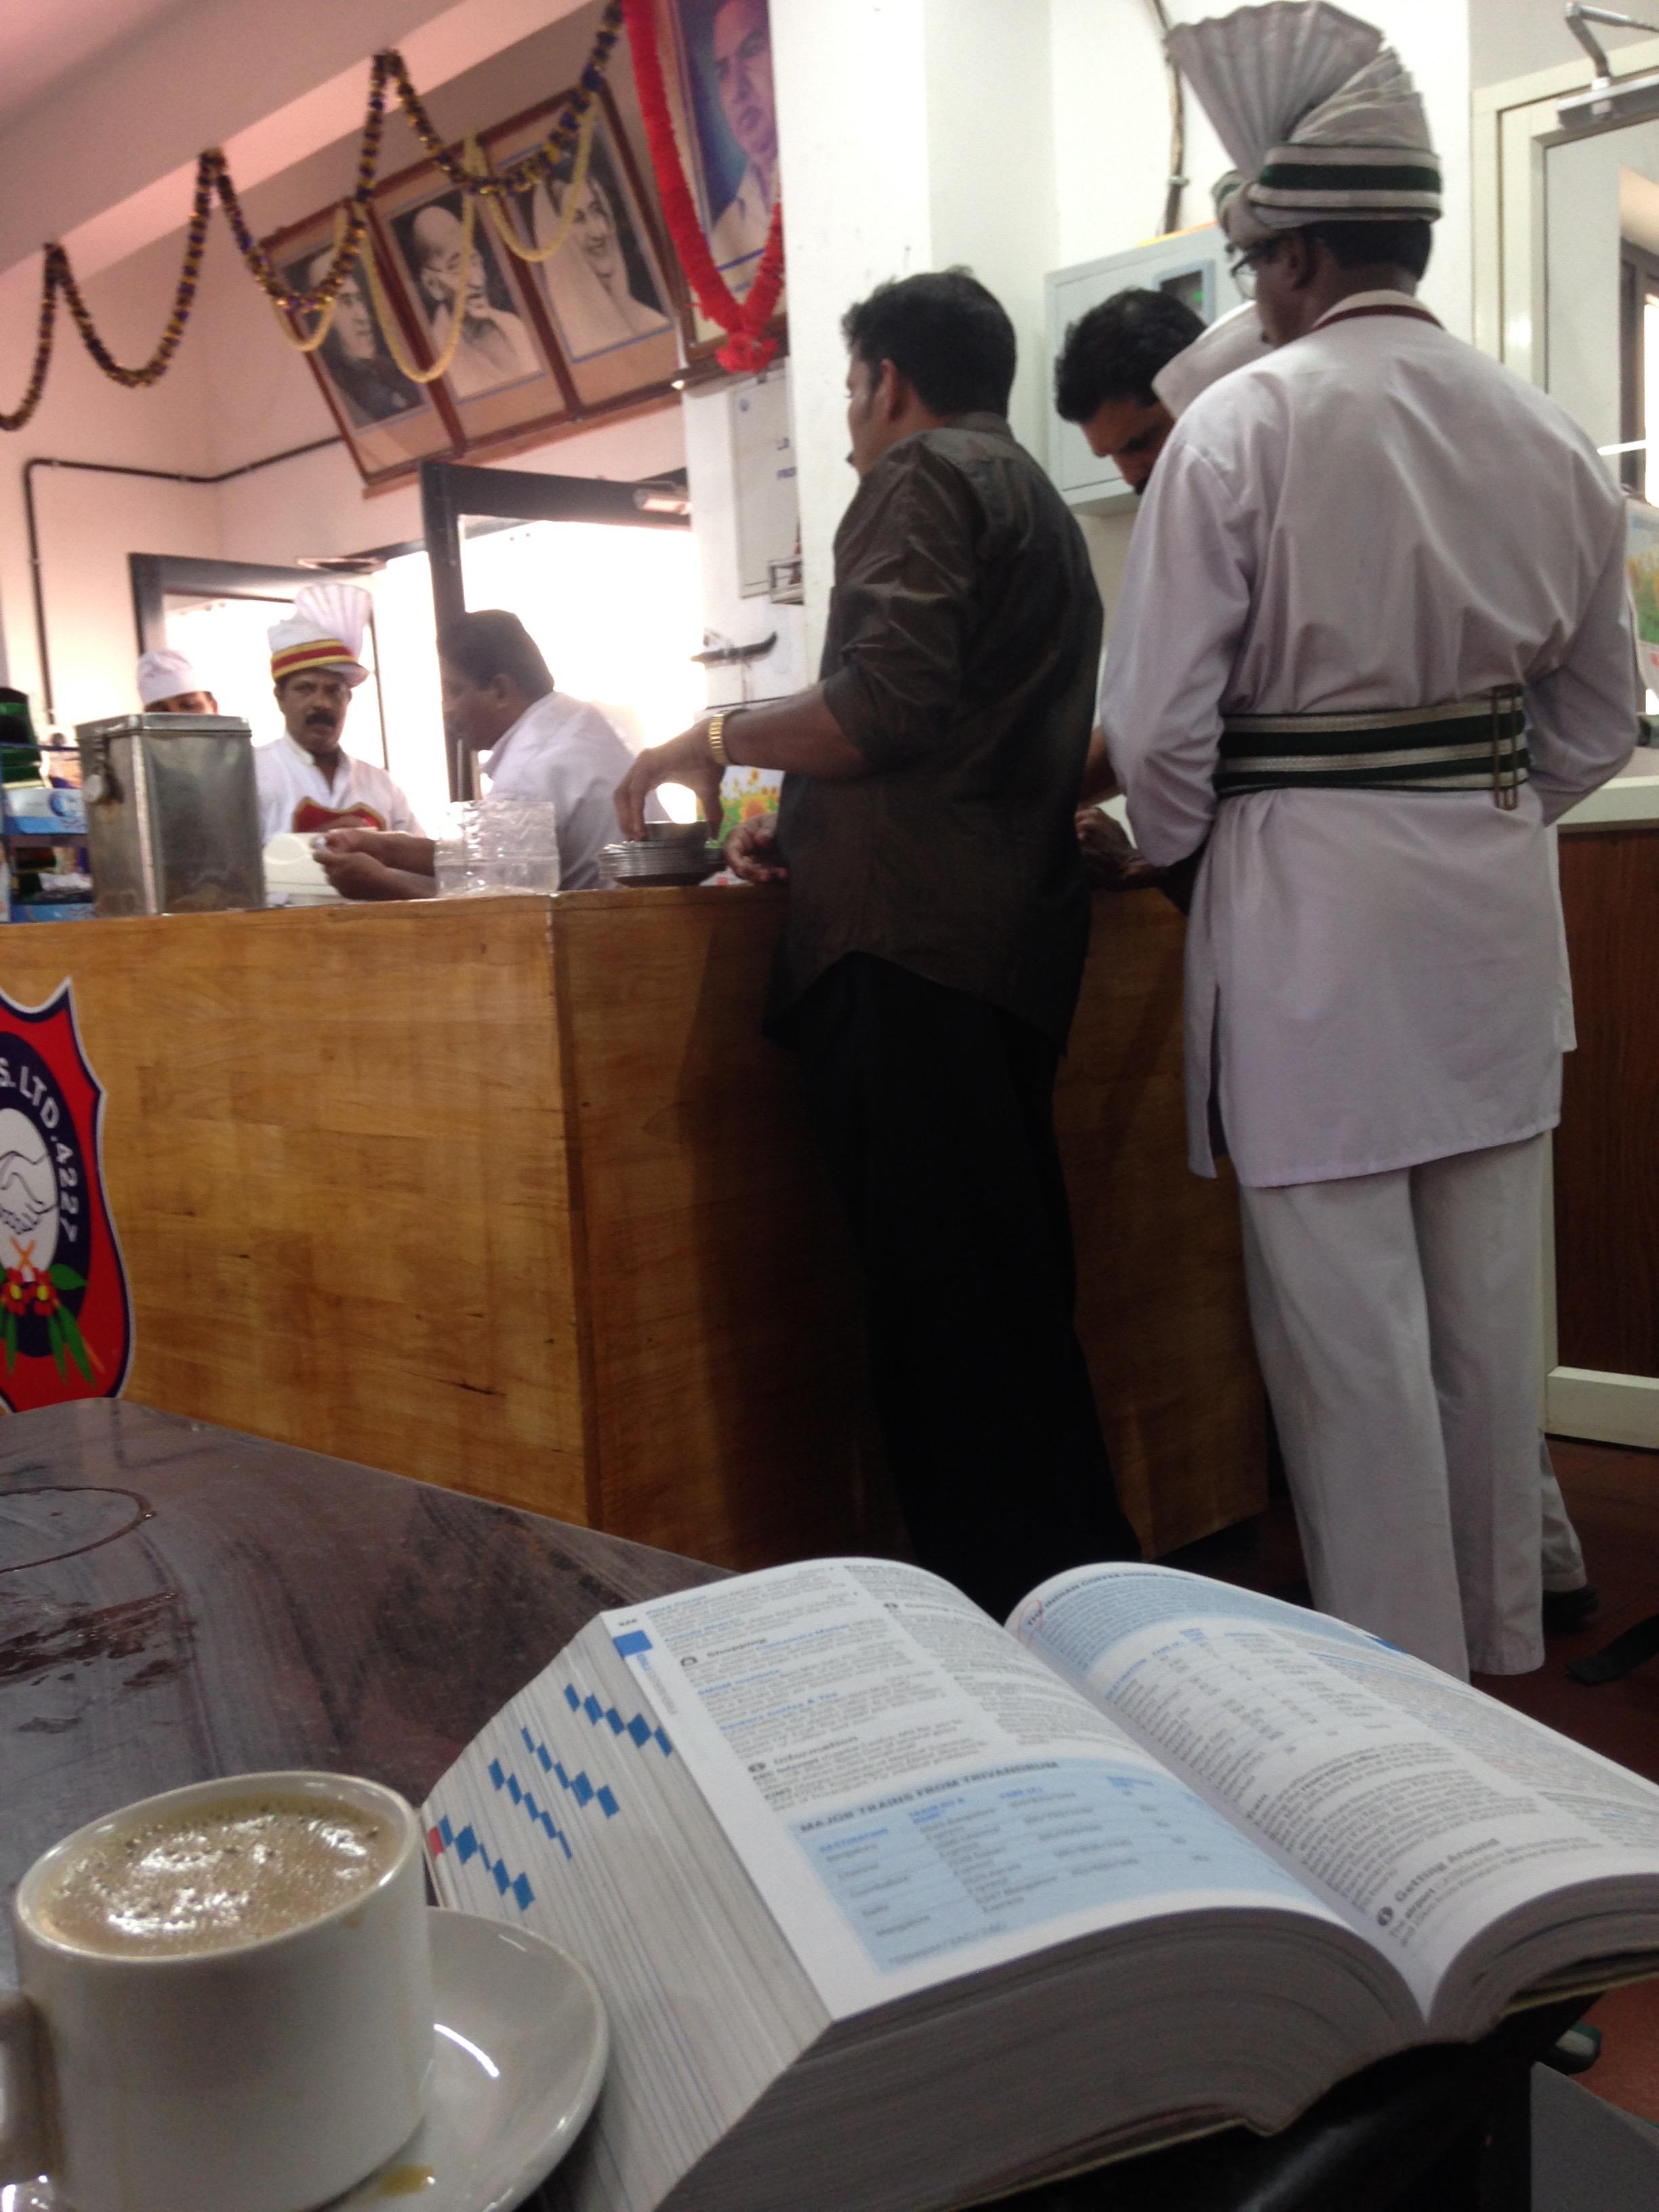 カニャクマリ バルカラ 移動 ローカル バス トリバンドラム インディアンコーヒーハウス